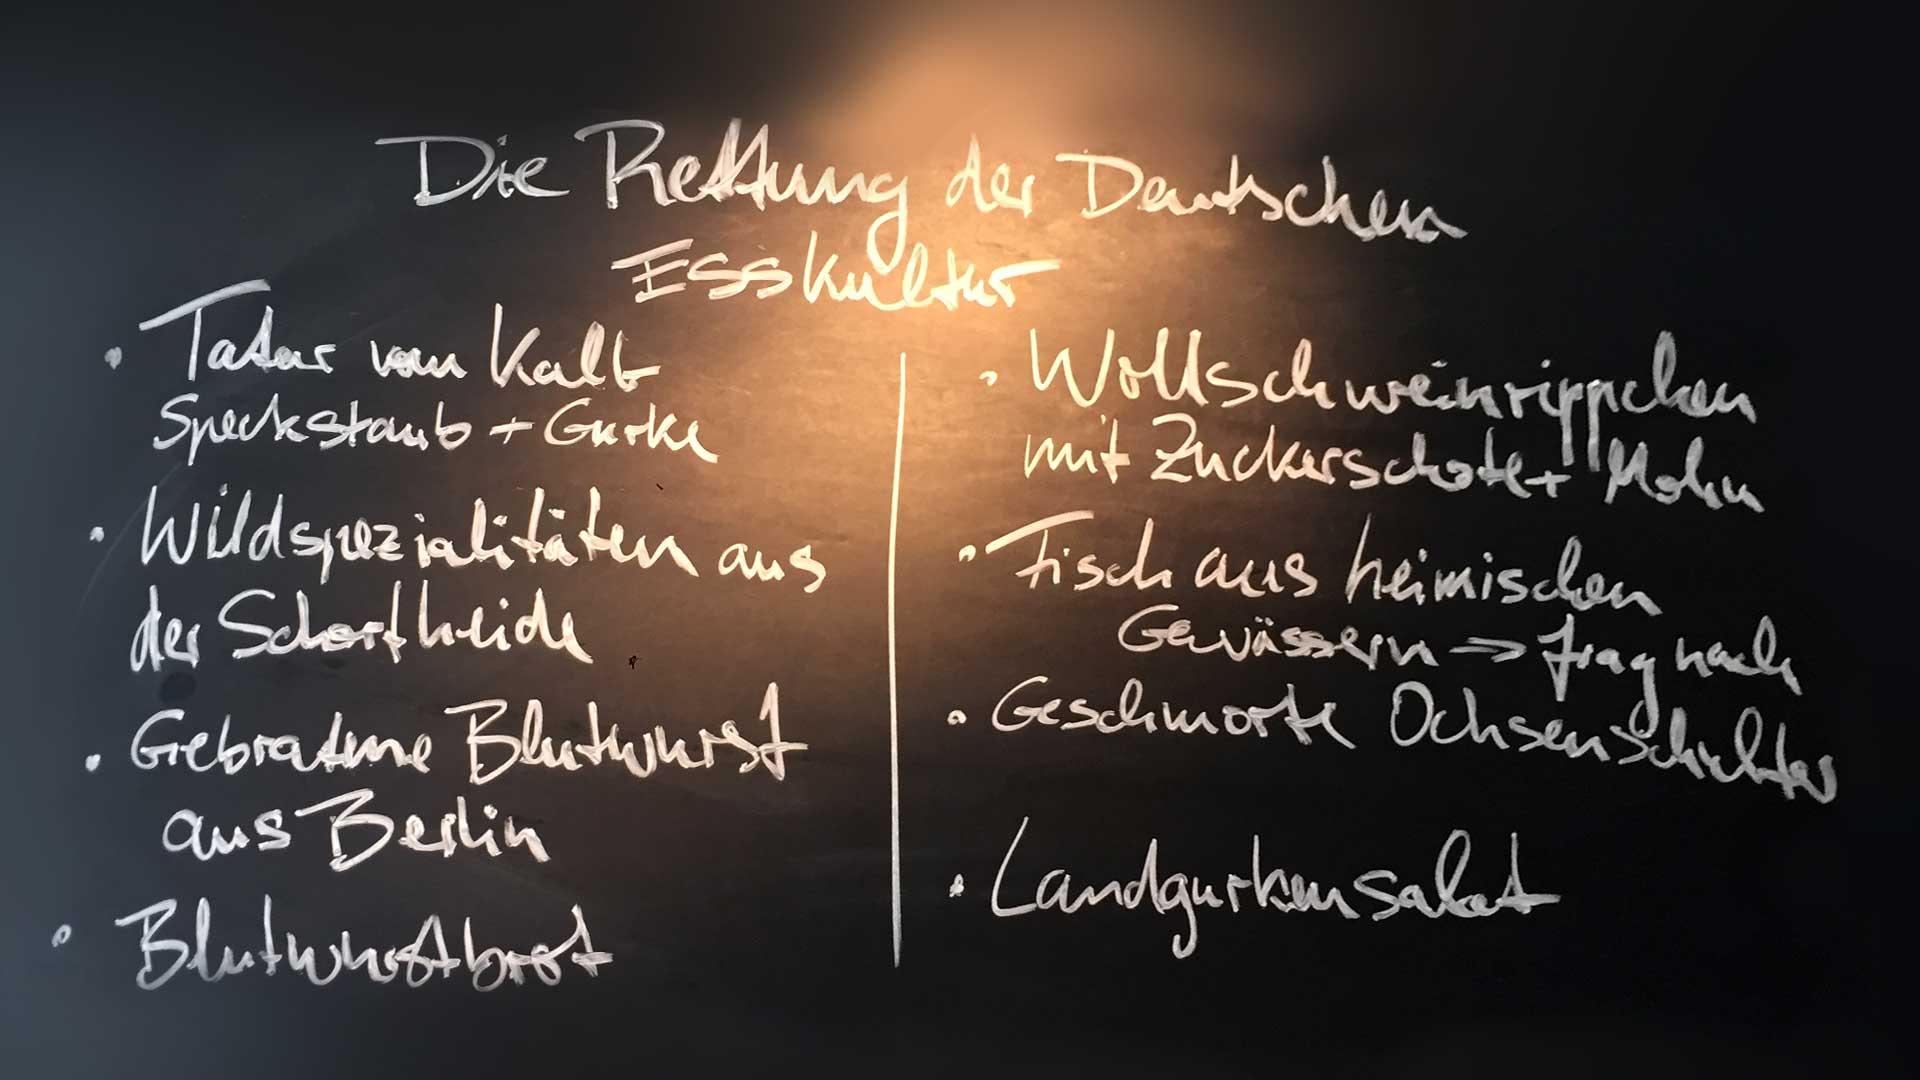 Das auf der Tafel in der Rutz Weinbar verkündete Programm setzt Marco Müller konsequent um. Foto JW